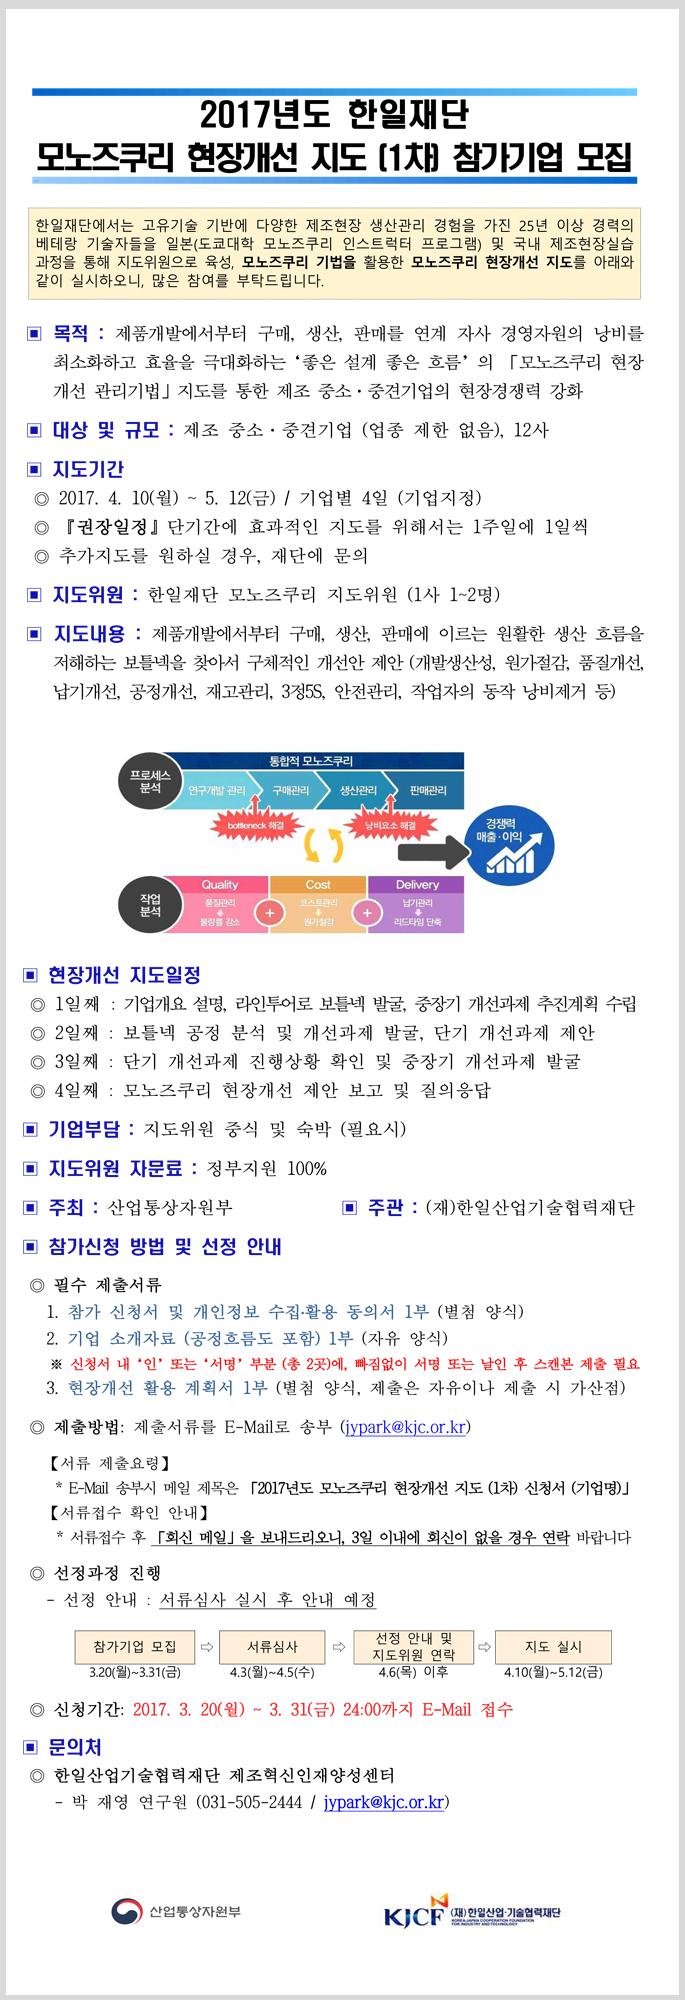 2017년도 모노즈쿠리 현장개선 지도 (1차) copy.png